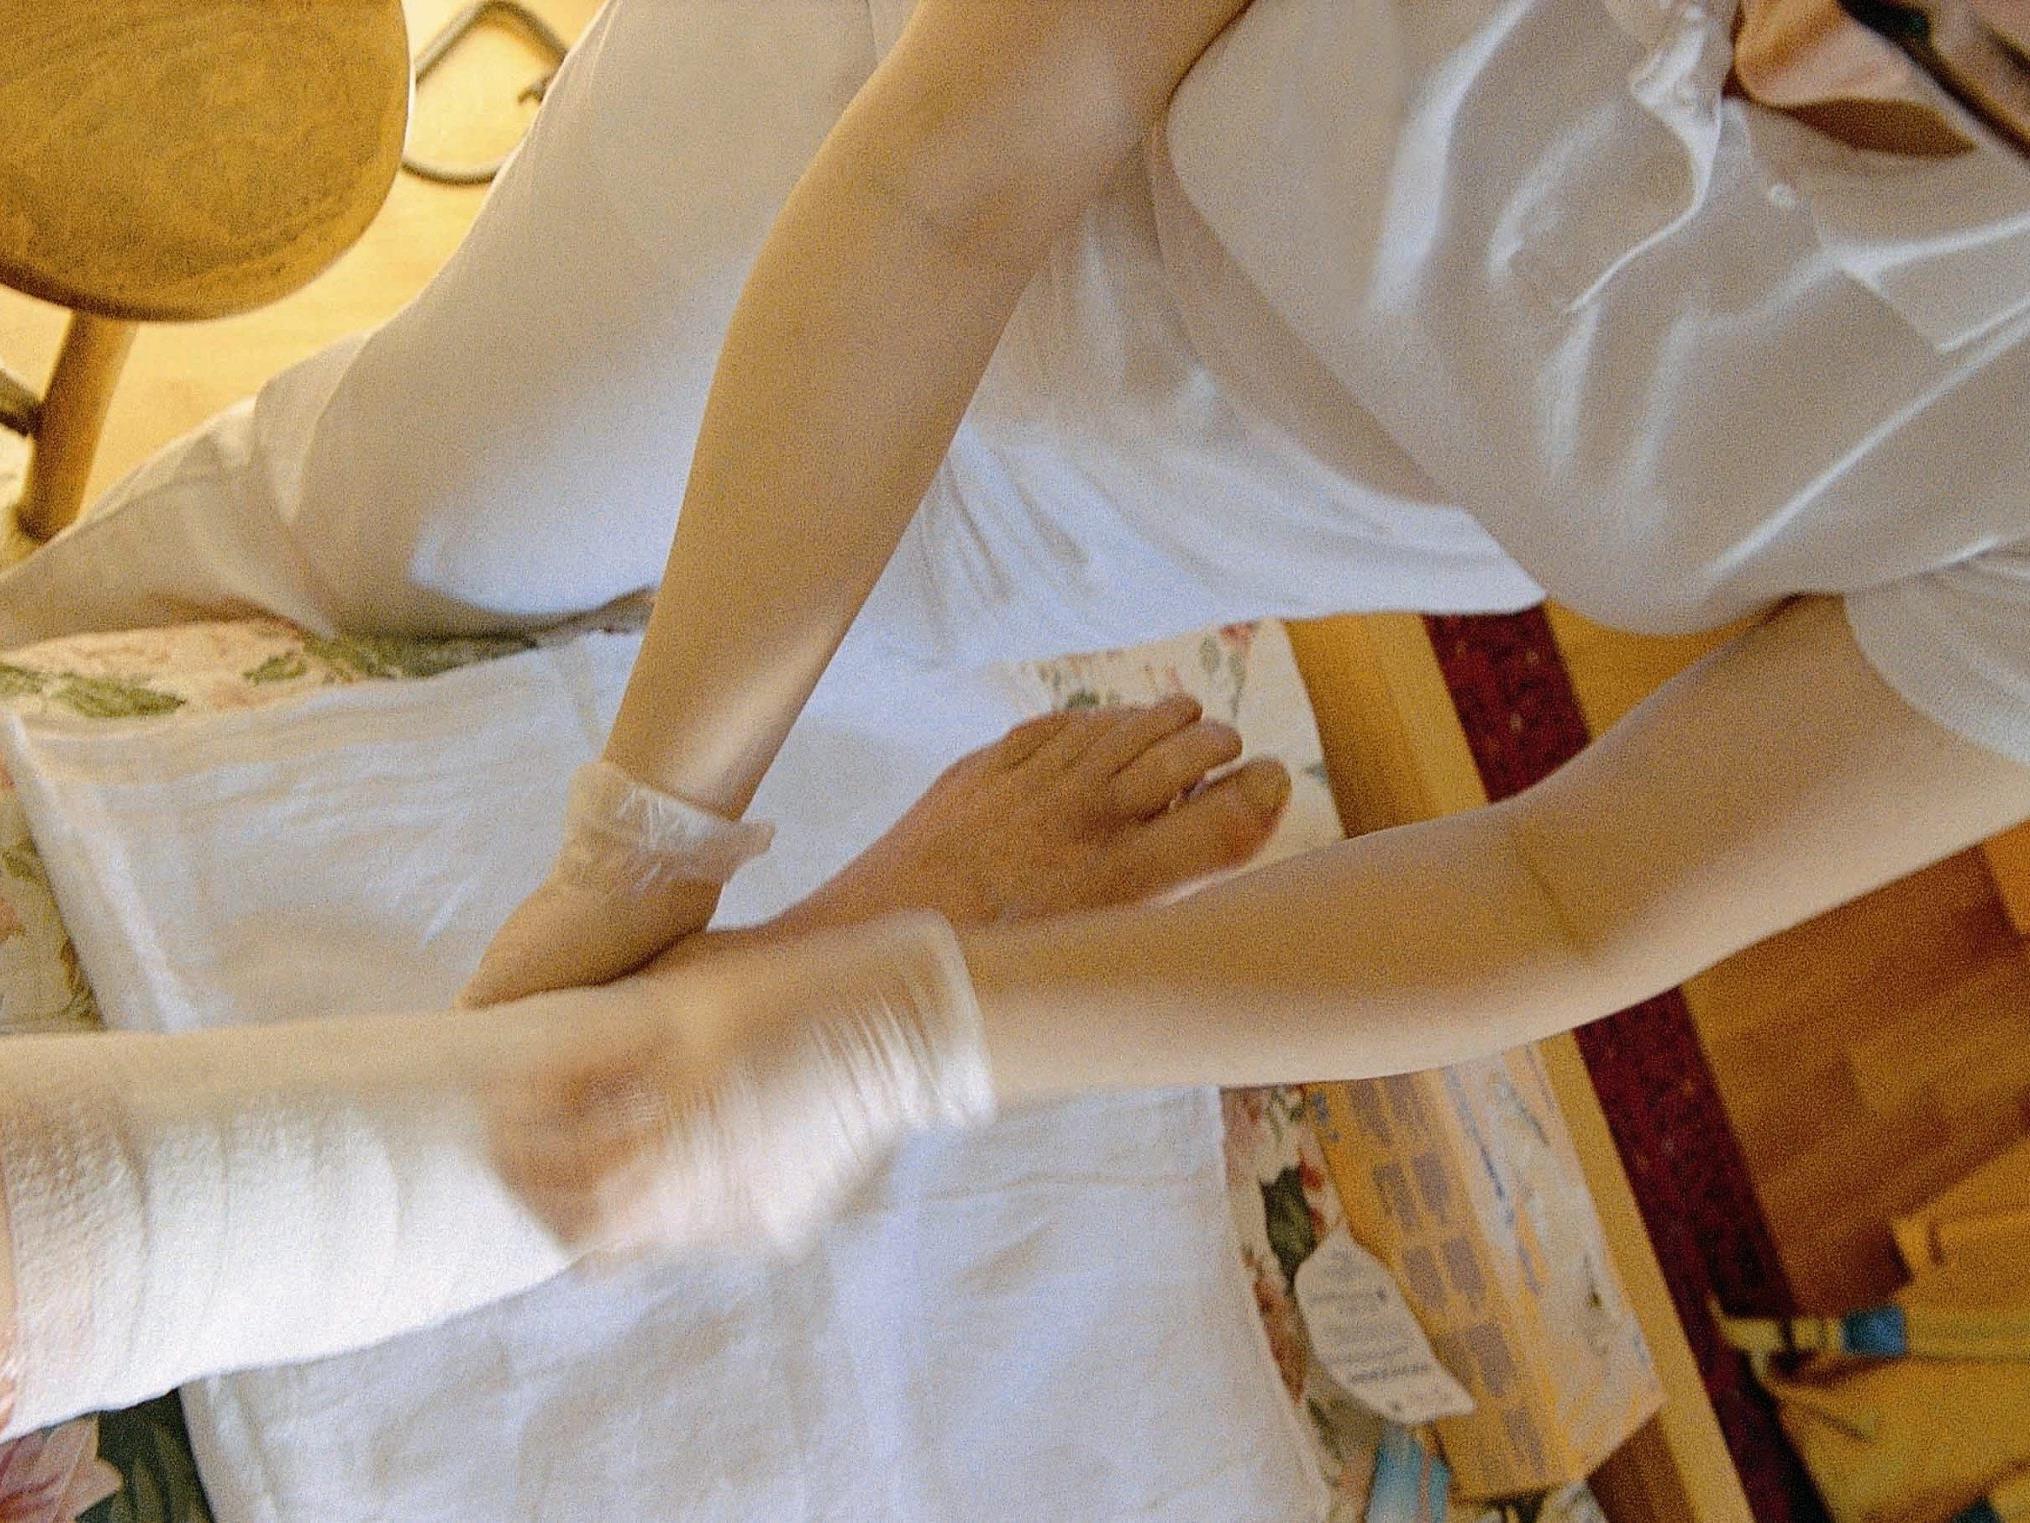 Die Hauskrankenpflege Vorarlberg wird von ihren Kunden sehr geschätzt. Und zwar gleichermaßen von den betreuten Patienten und ihren Angehörigen.